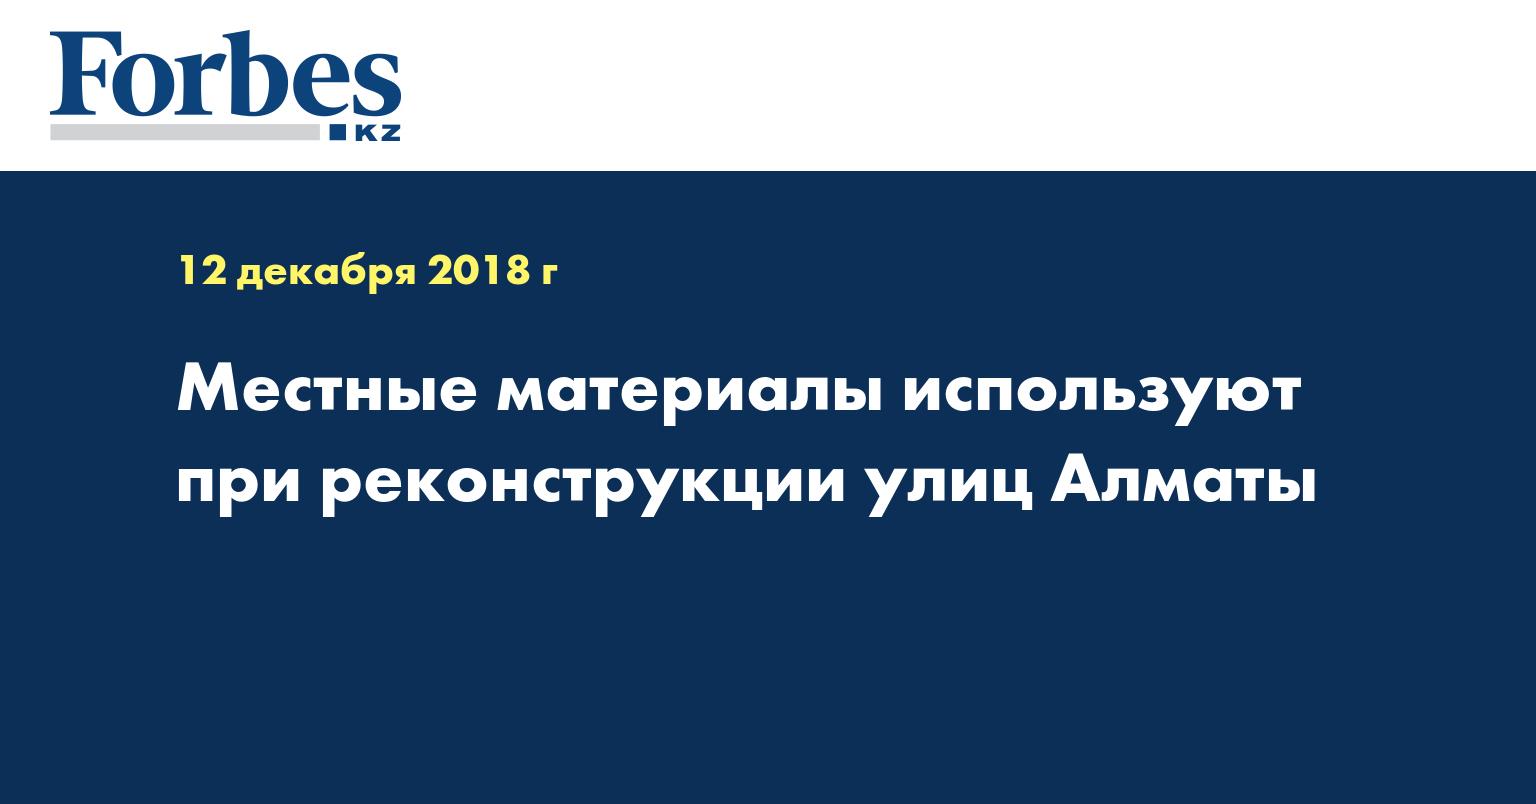 Местные материалы используют при реконструкции улиц Алматы